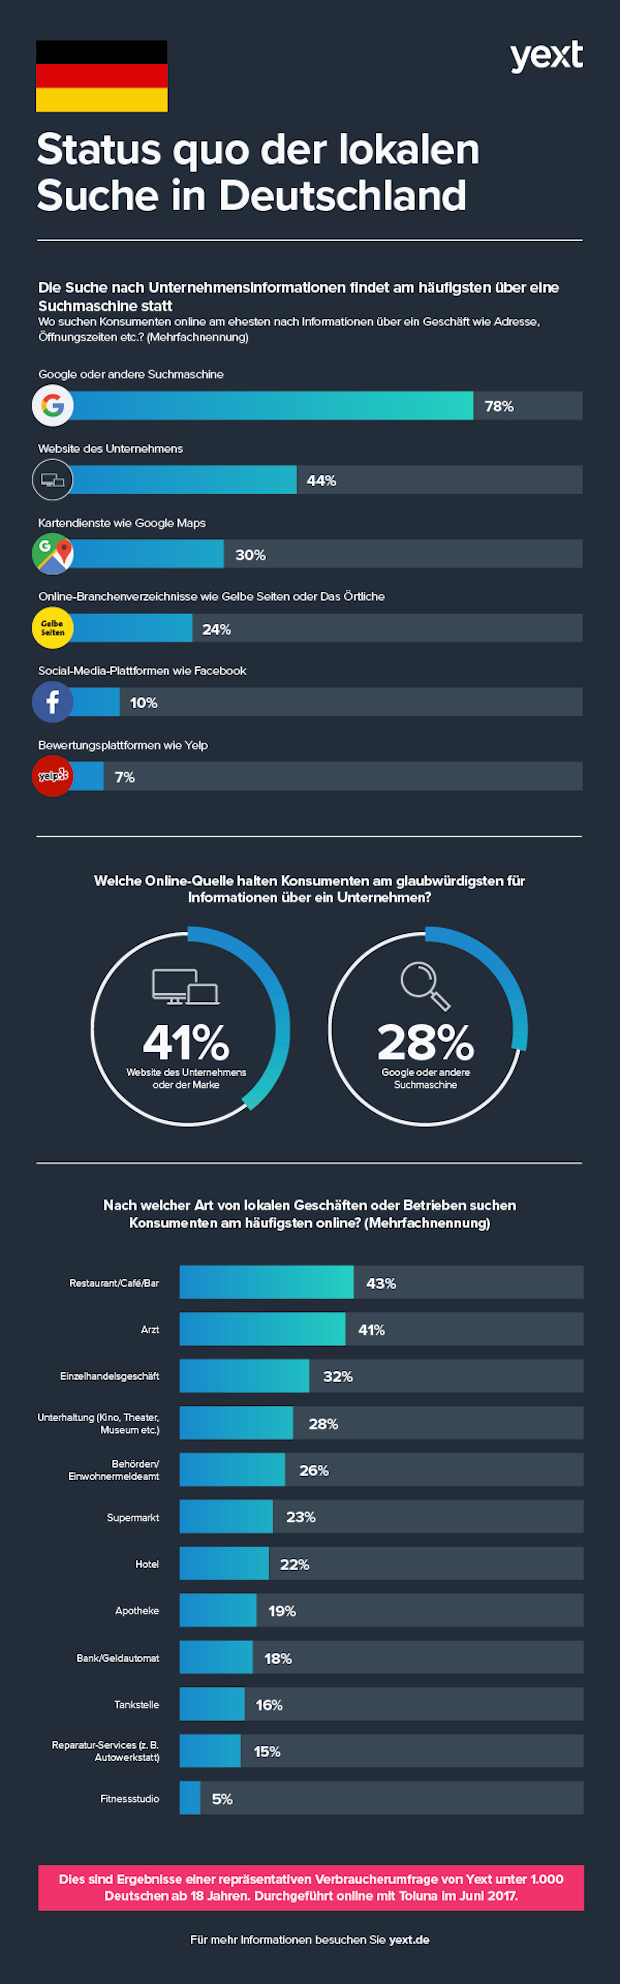 Photo of Suchmaschinen und Unternehmenswebsites sind Top-Quellen für unternehmensbezogene Informationen